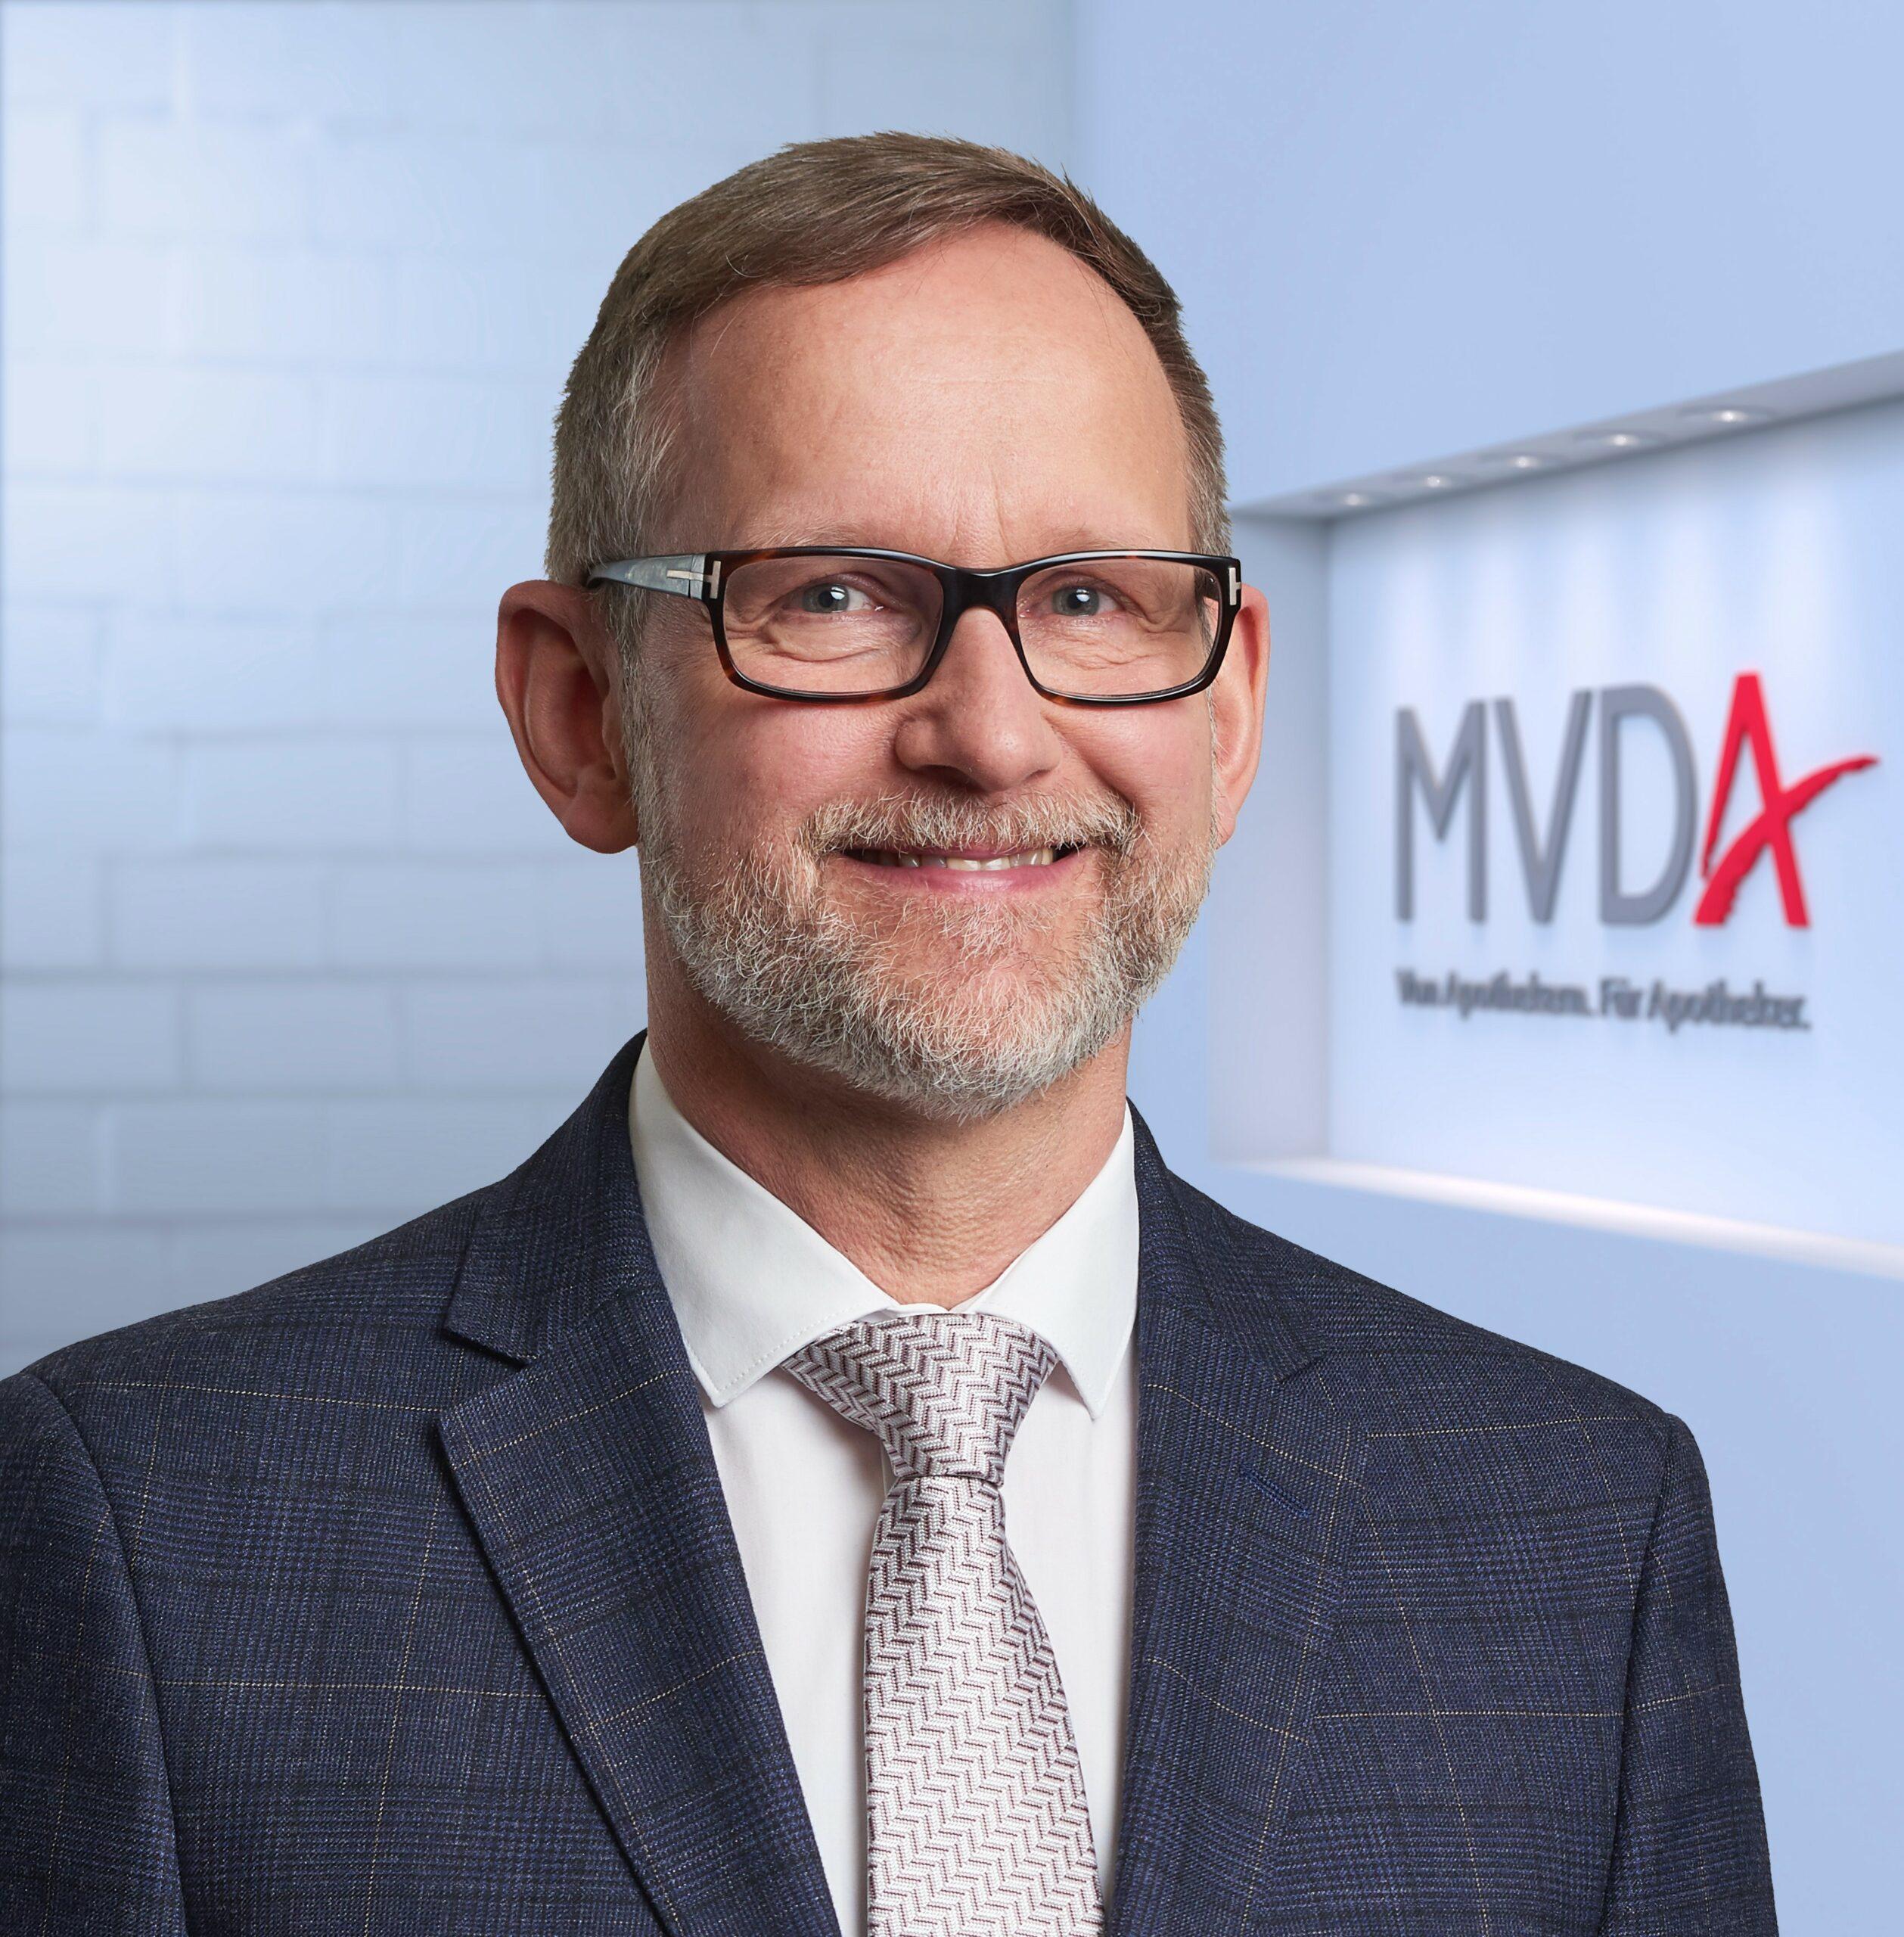 Dirk Vongehr